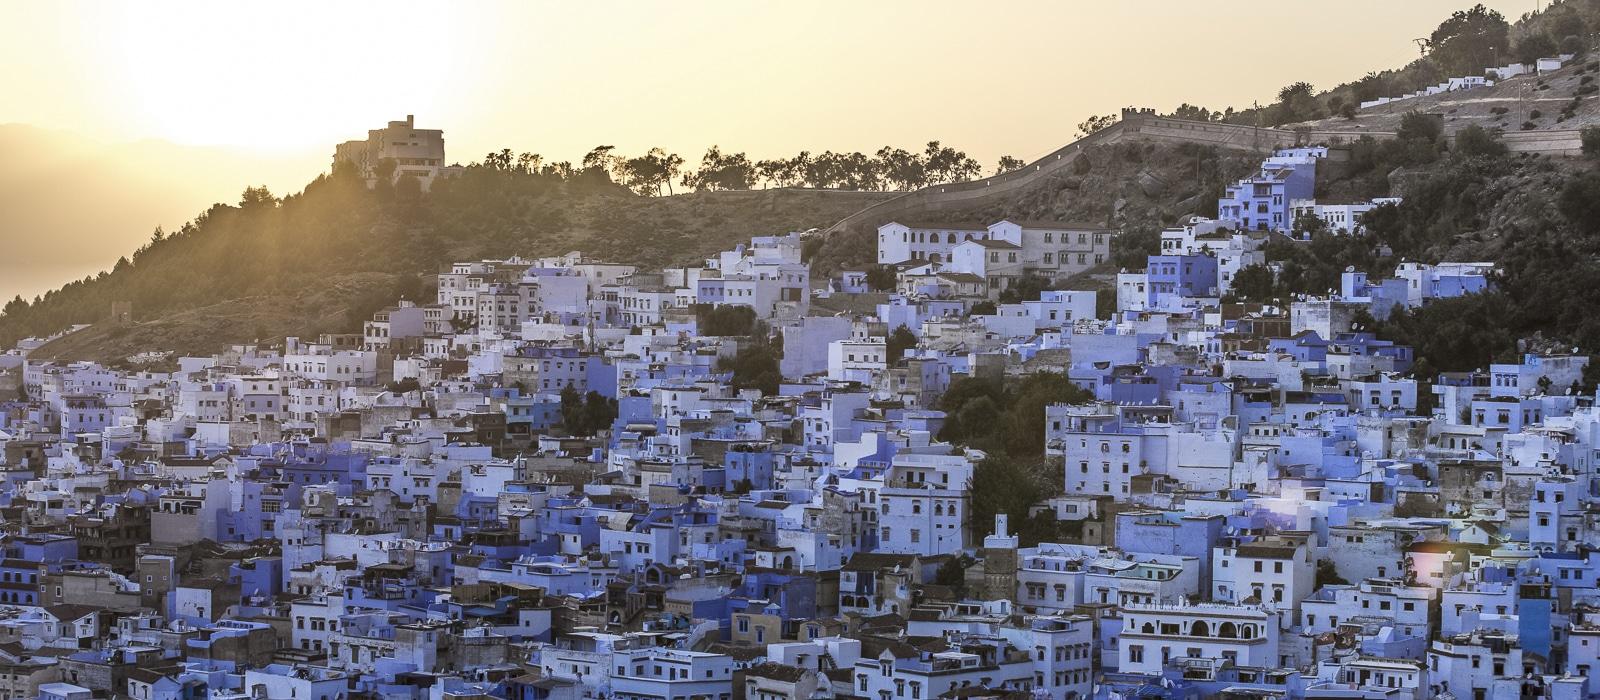 img-diapo-entete - Maroc-1600x700-17.jpg